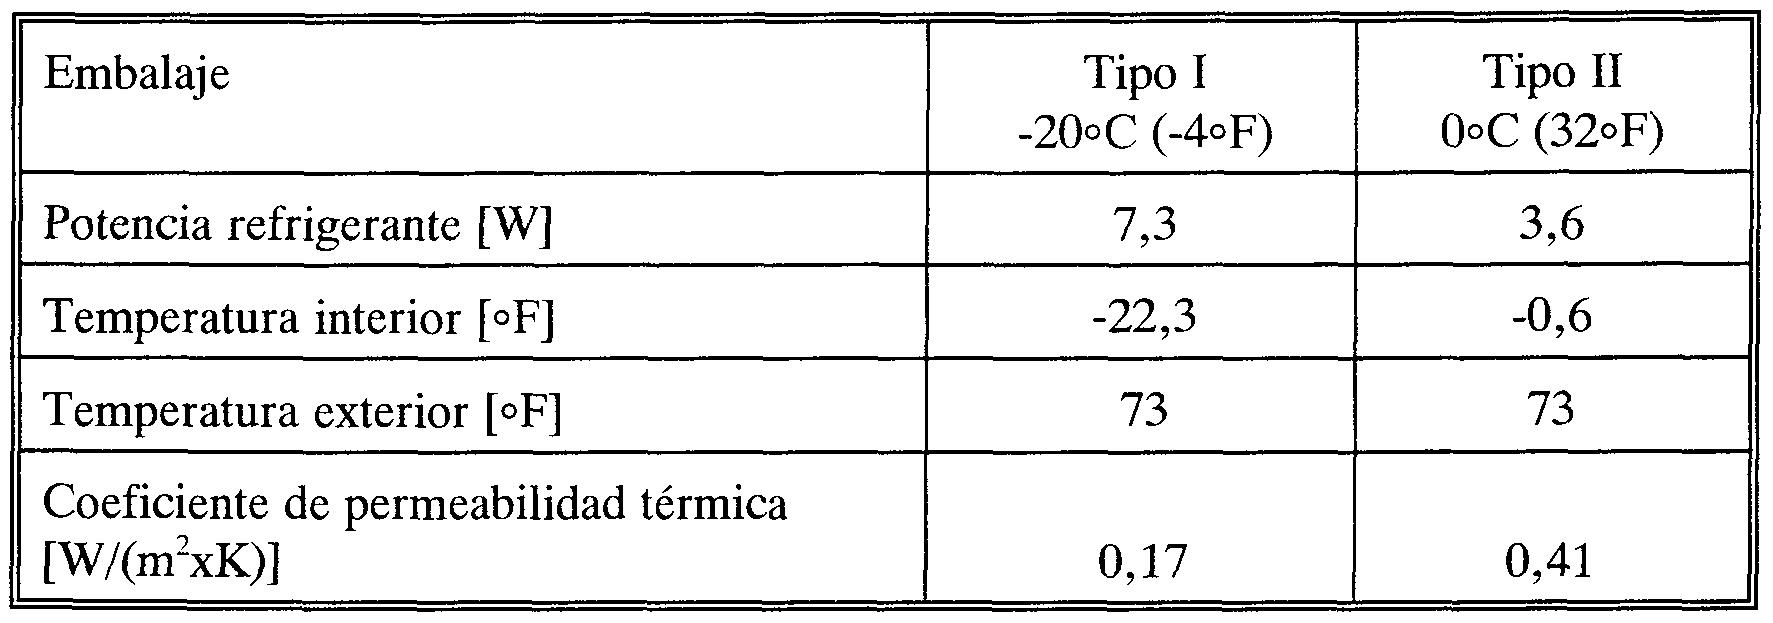 Origin soft by termica 16